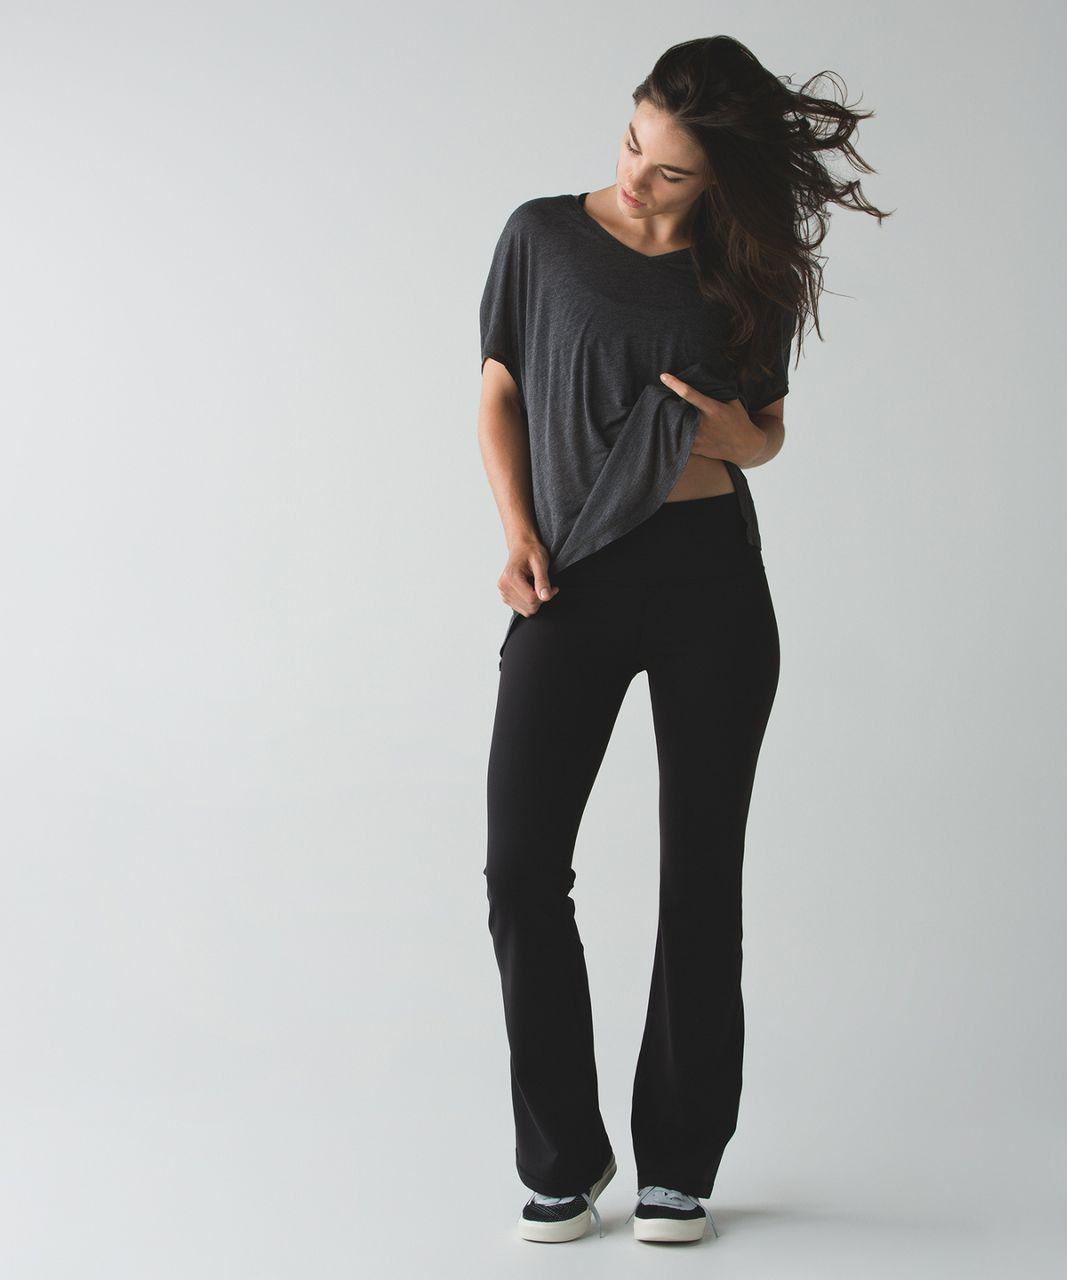 Lululemon Groove Pant III (Tall) - Black